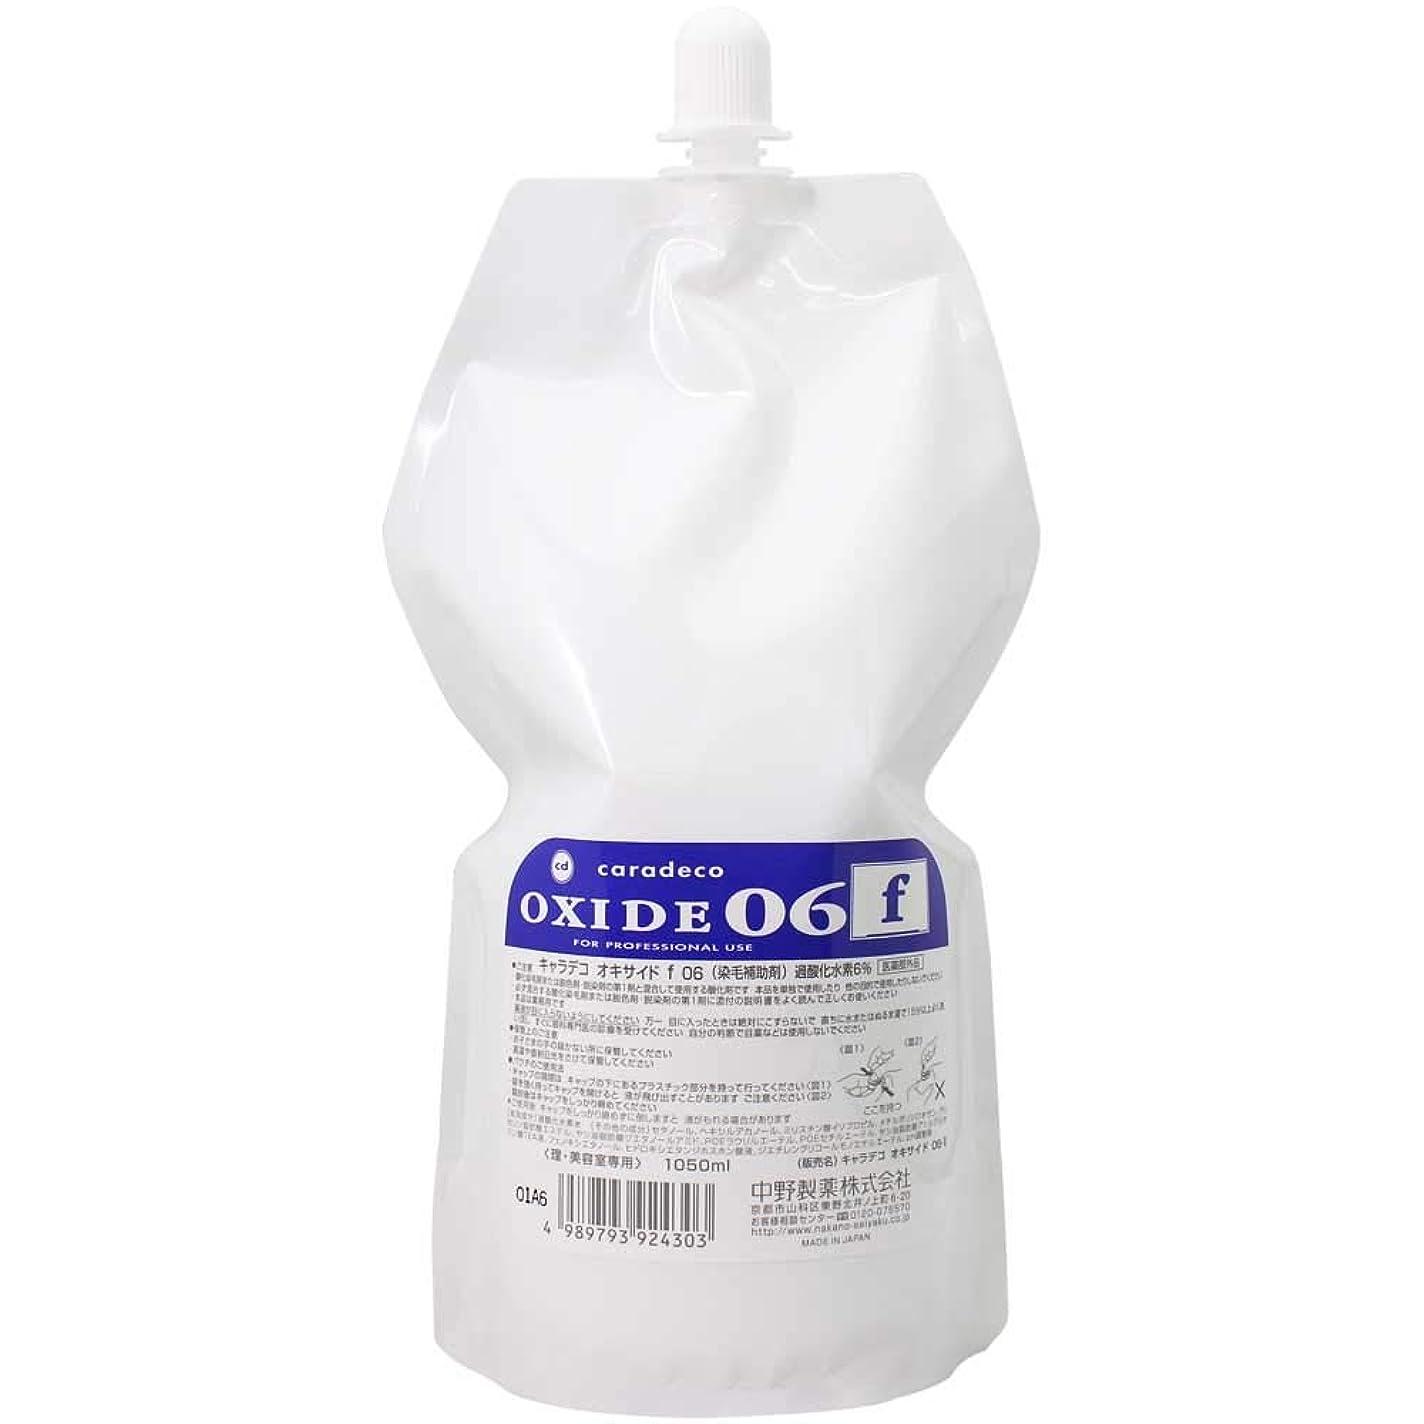 やるアミューズメント湾【ナカノ】キャラデコ オキサイドf 06 第2剤 (過酸化水素6%) 1050ml